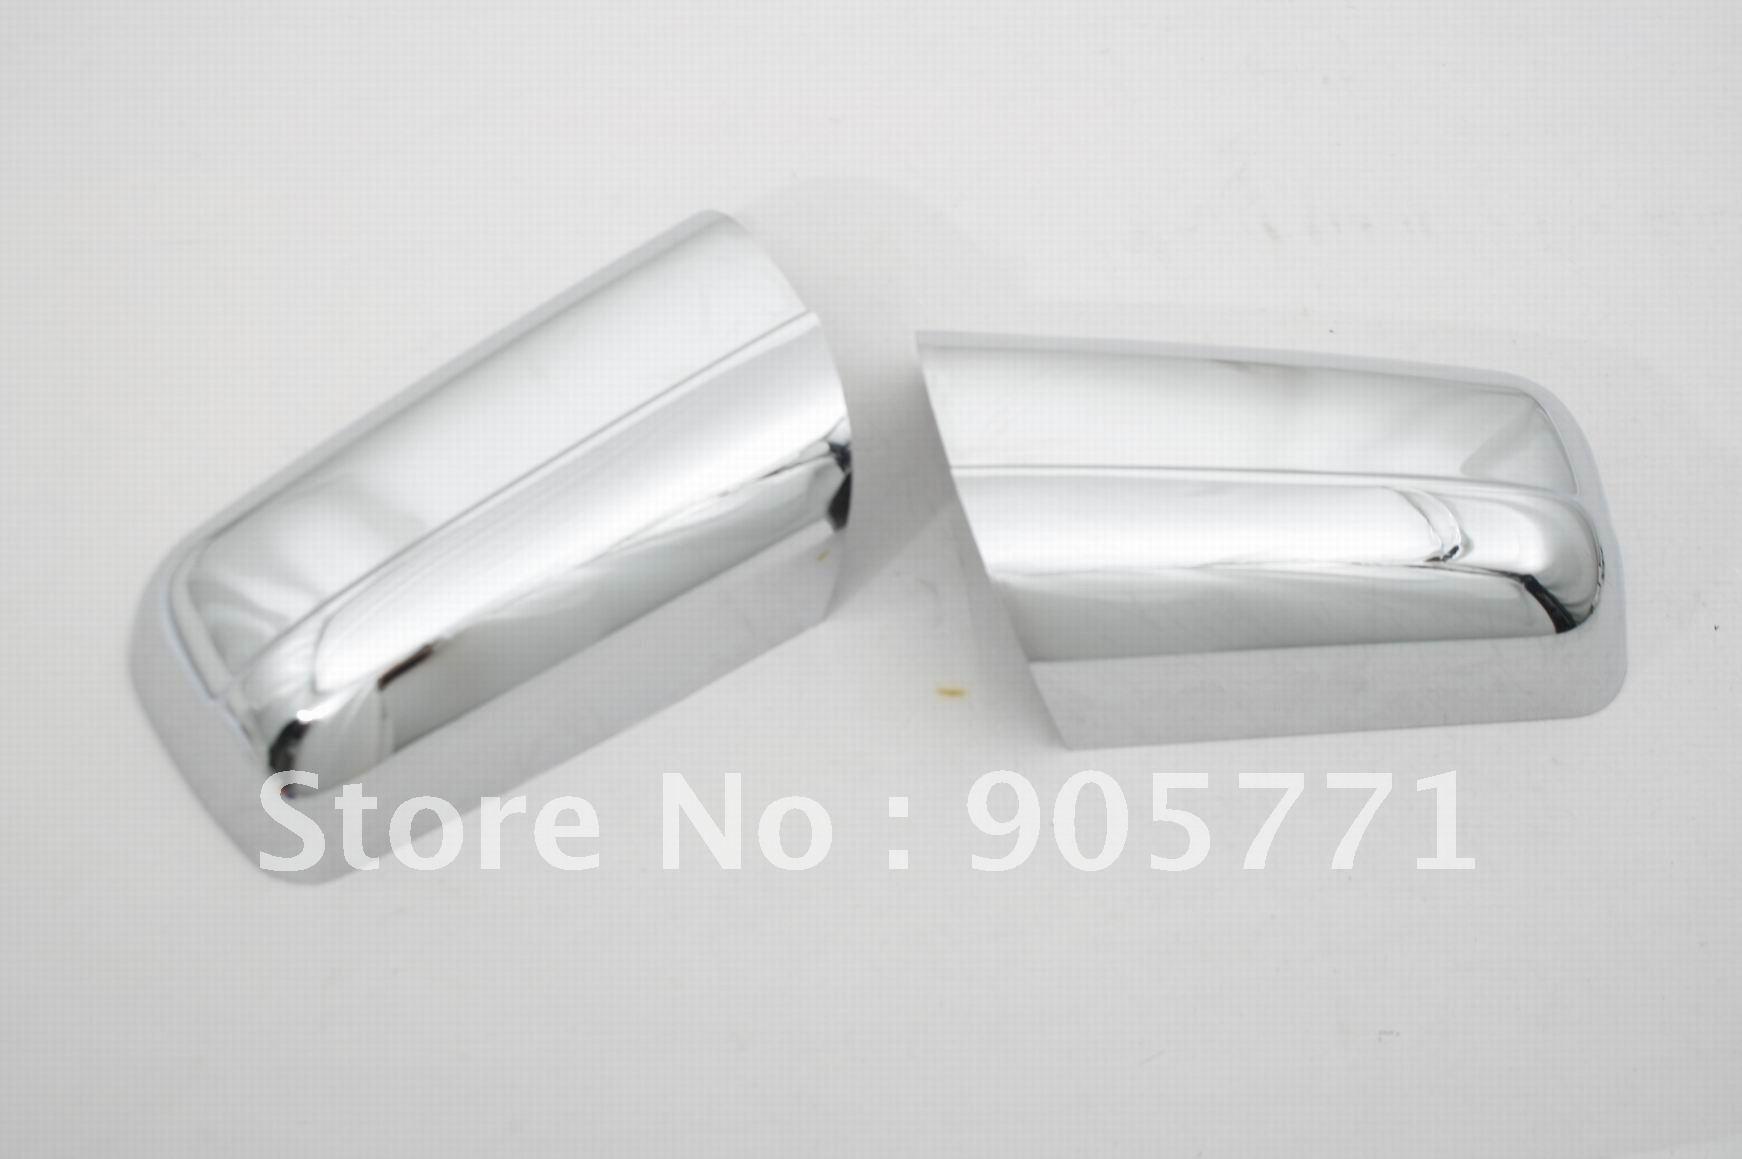 Haute Qualité Couverture Chrome Miroir pour Mercedes Benz W210 Classe E (95-00) livraison gratuite